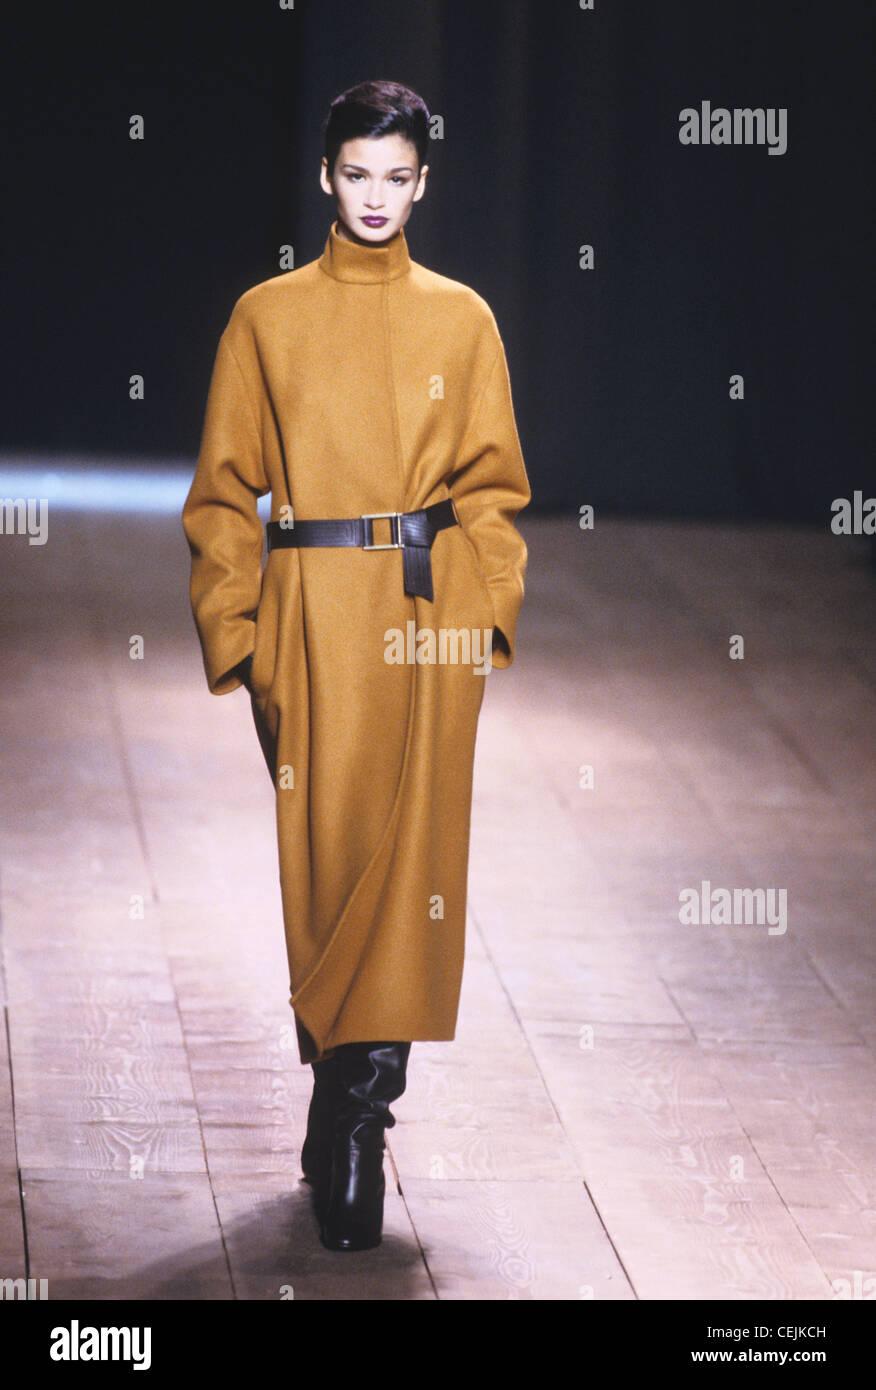 Yves Saint Laurent Otoño Invierno extra largo pelaje marrón con correa de cuero negro y negro longitud Imagen De Stock